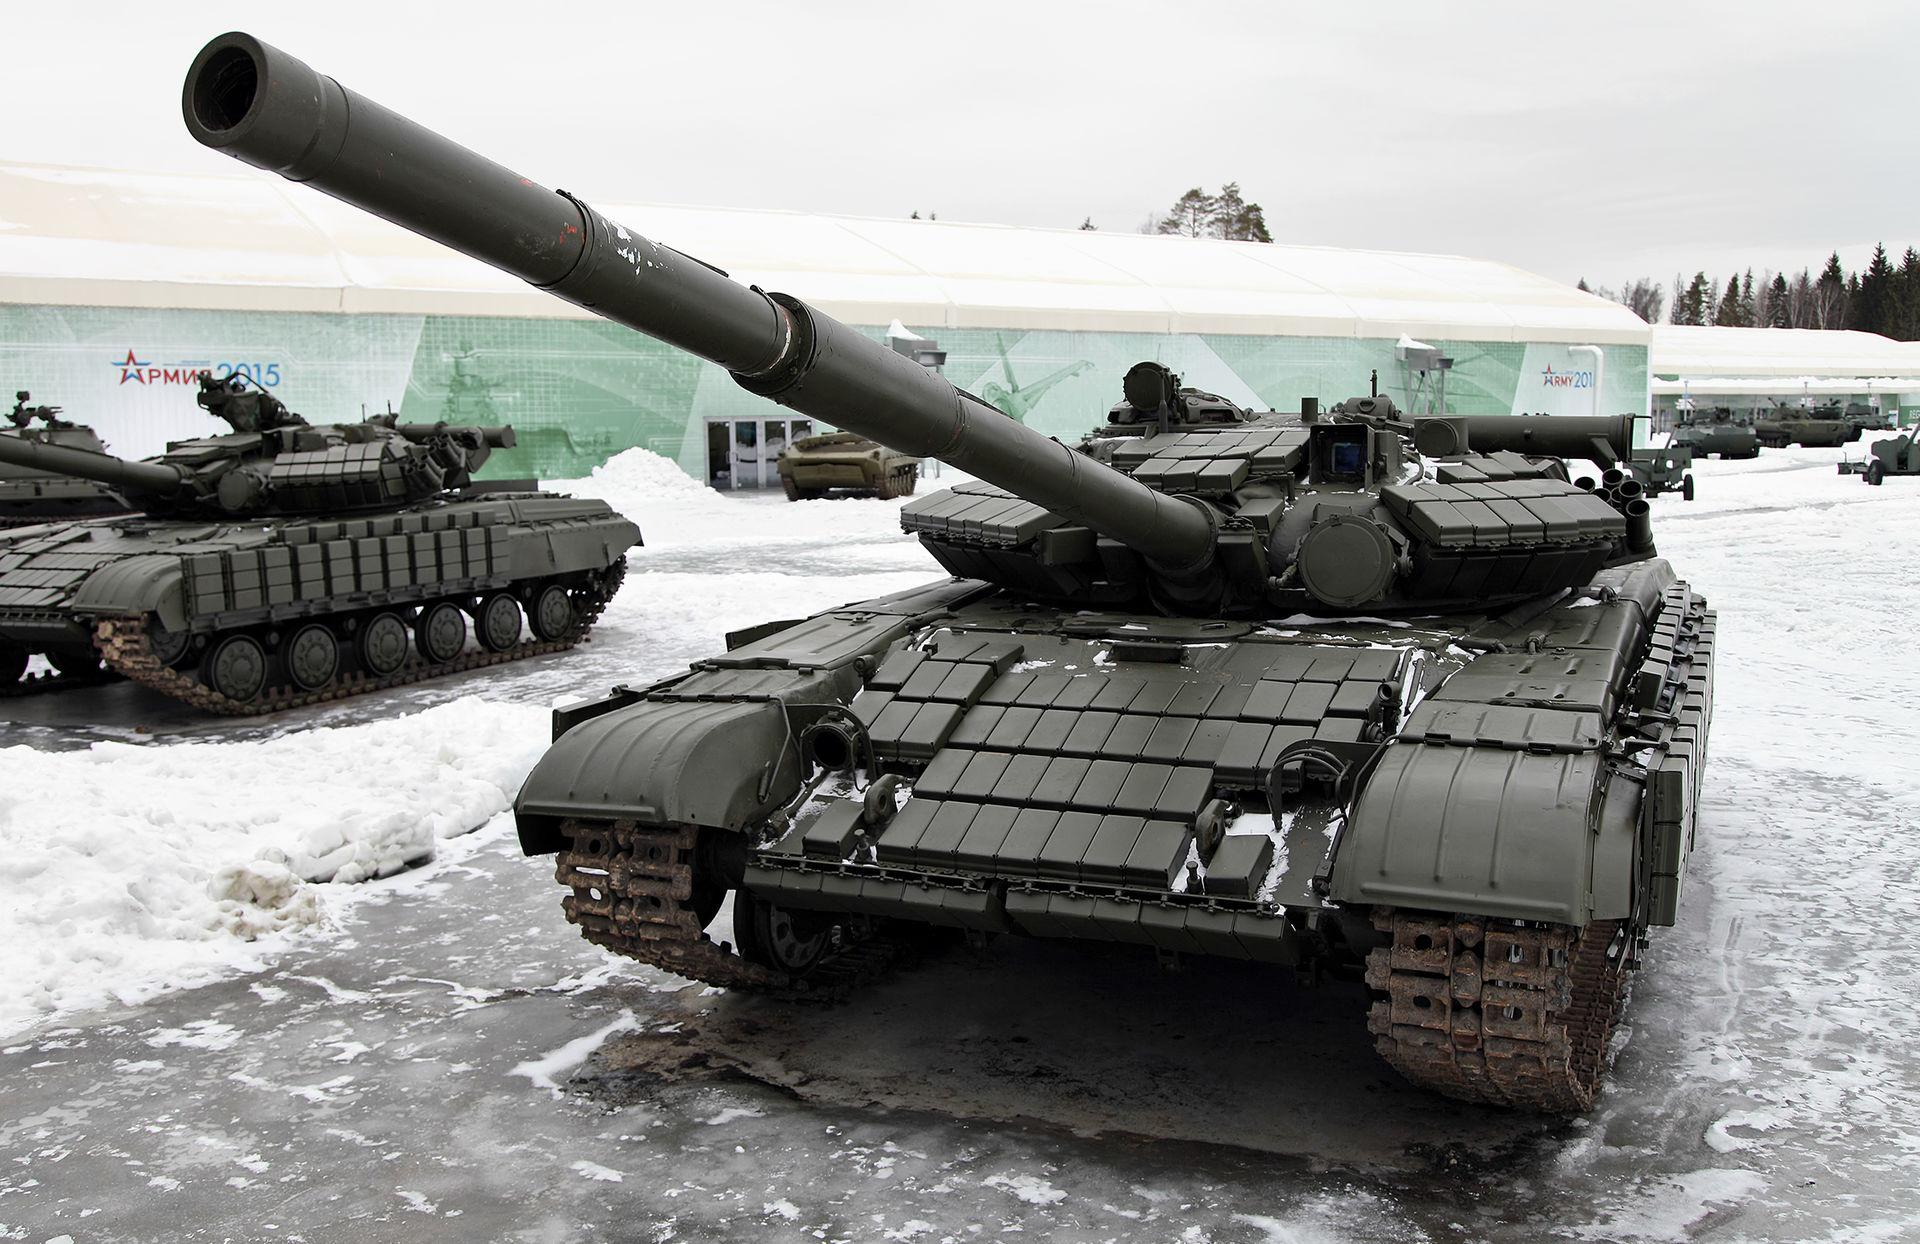 1920px-T-64BVK_commander_version.jpg